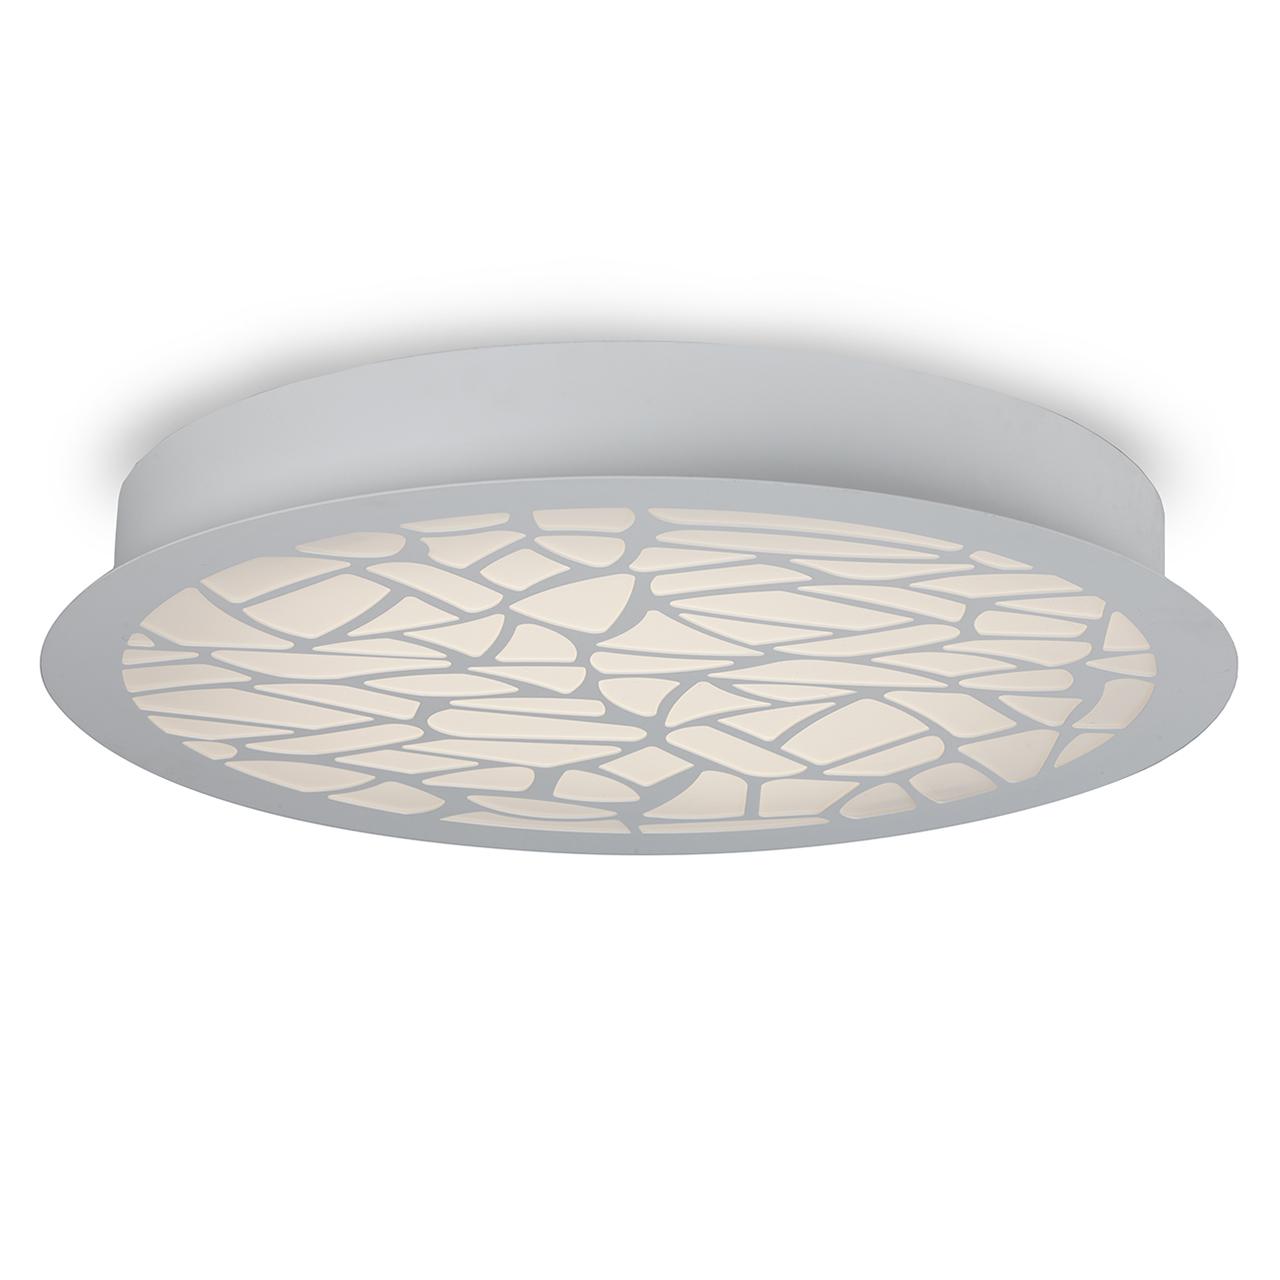 Купить Потолочный светодиодный светильник Mantra Petaca , inmyroom, Испания